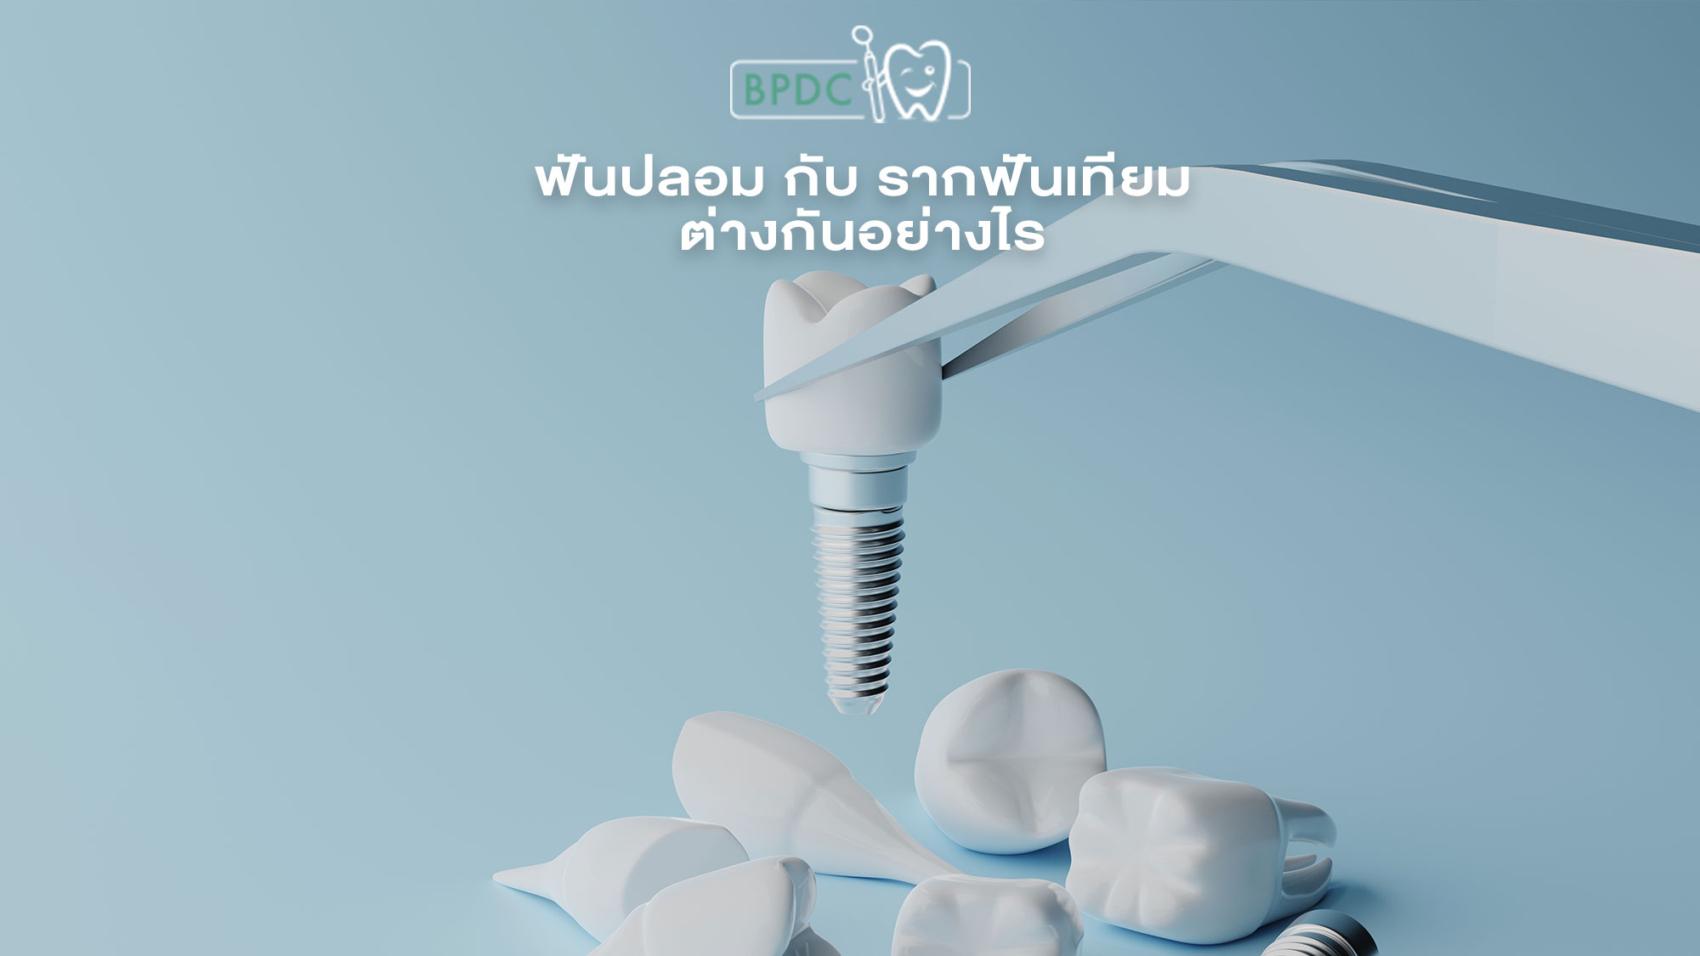 เลือกให้เหมาะ-ฟันปลอม-กับ-รากฟันเทียม-ต่างกันอย่างไร